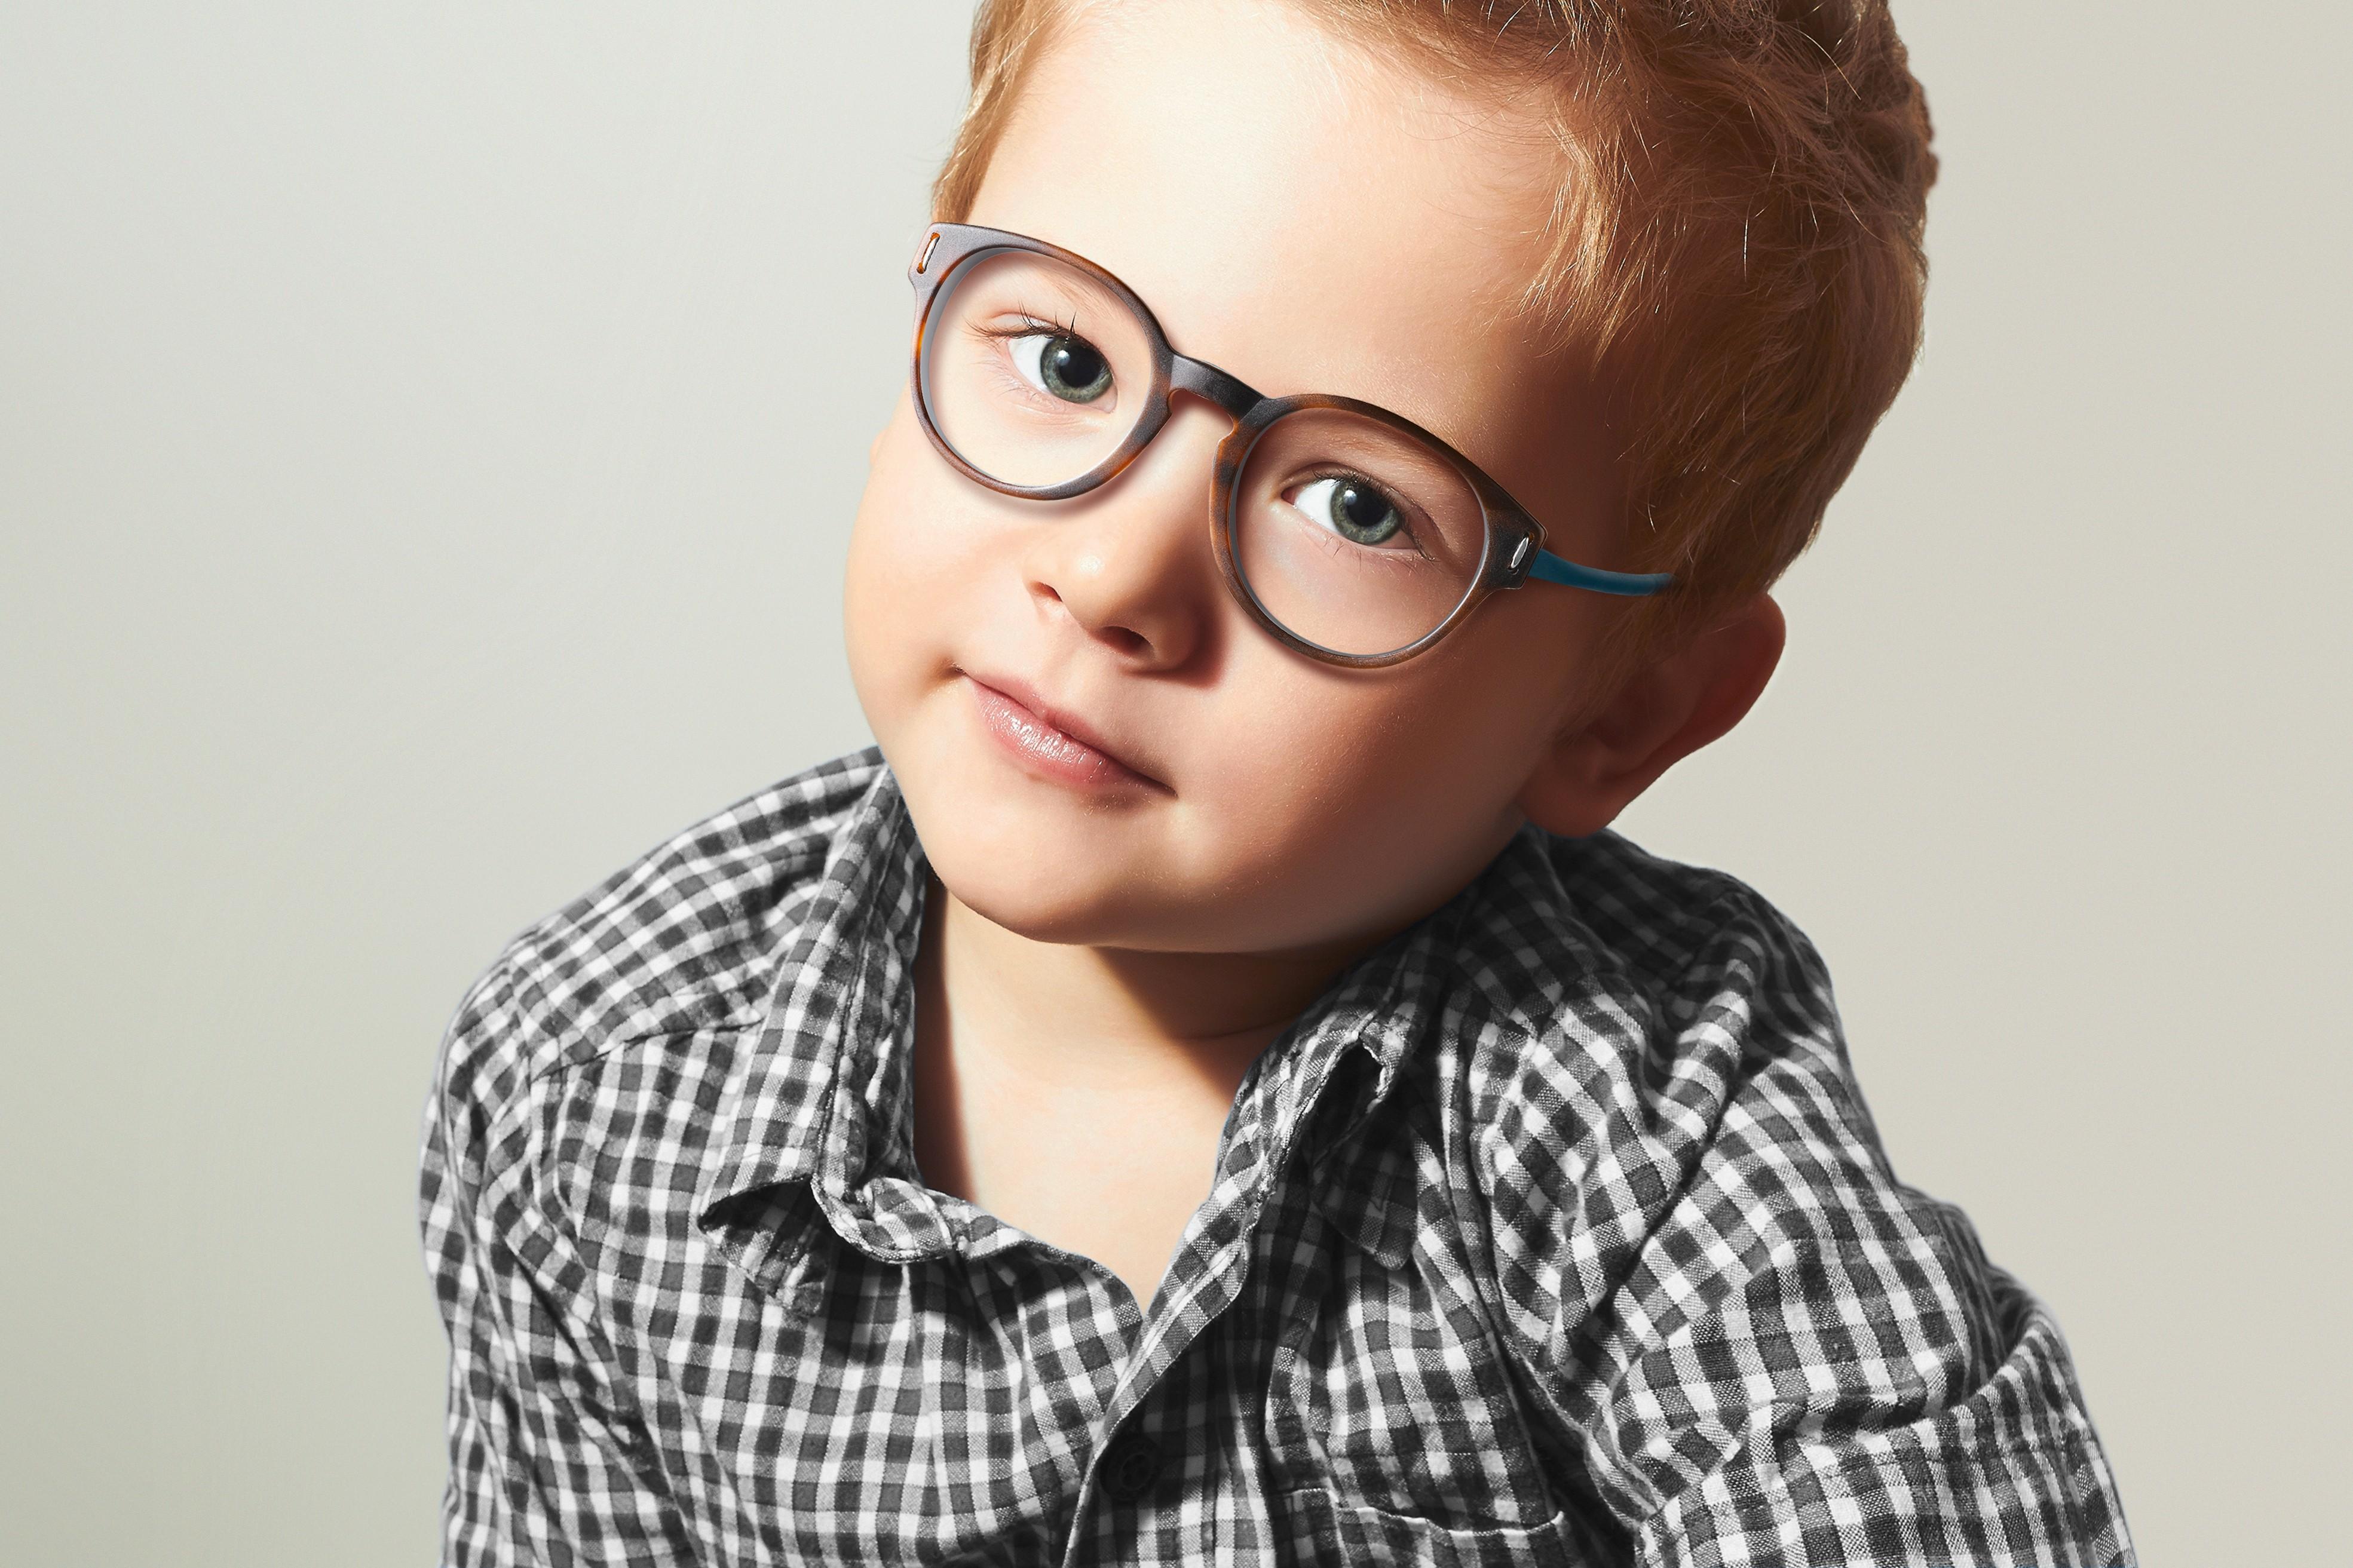 Marques et montures de lunettes pour enfant - Optikid d14d1fb020f